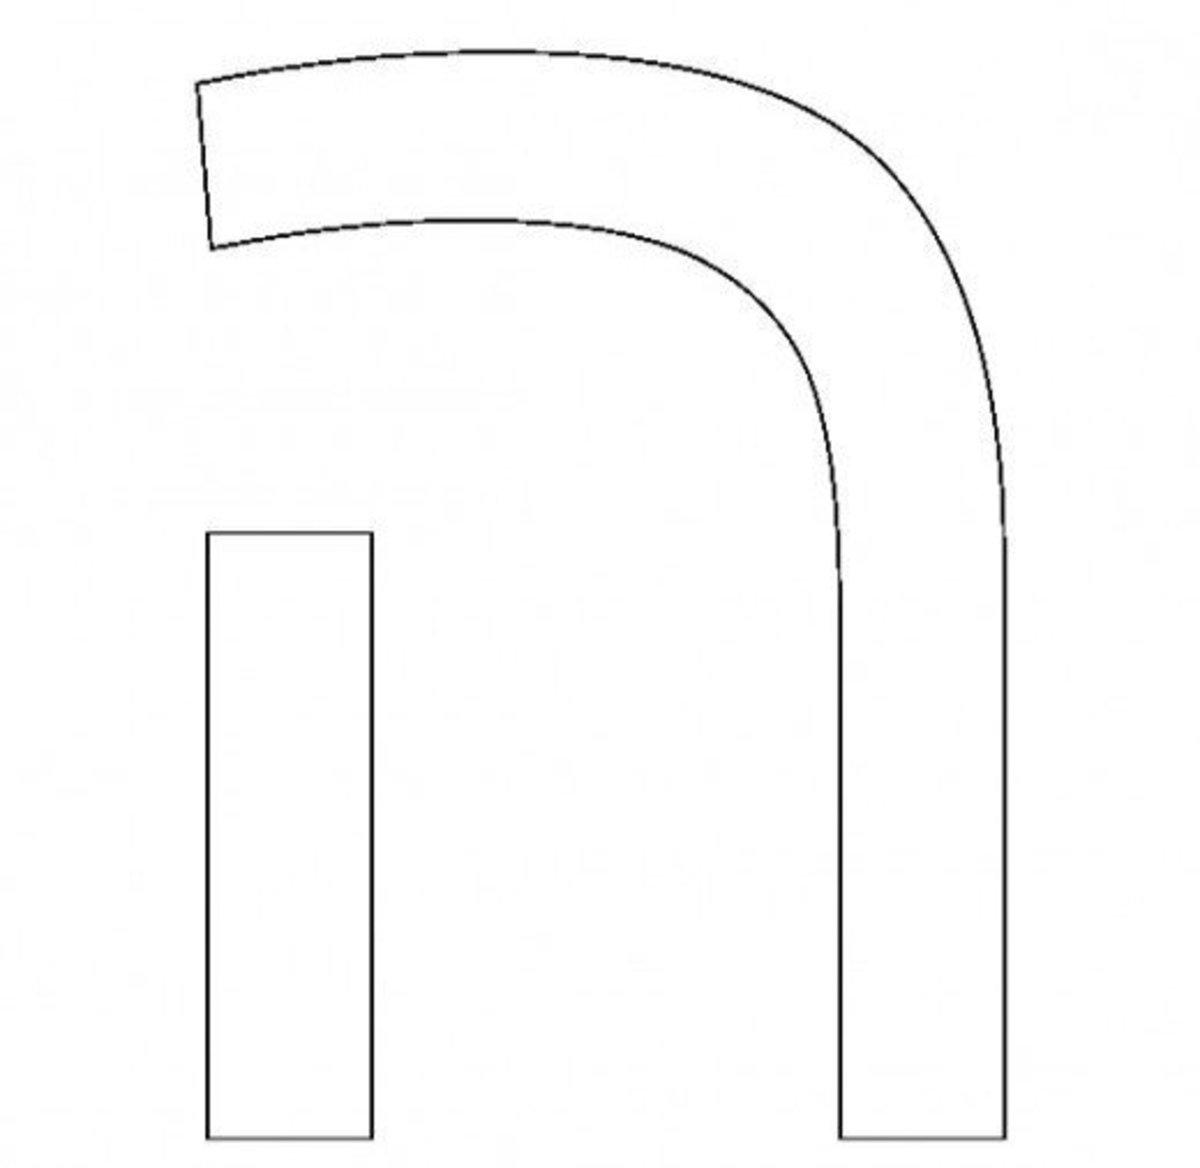 Hebrew Alphabet Letter Dalet